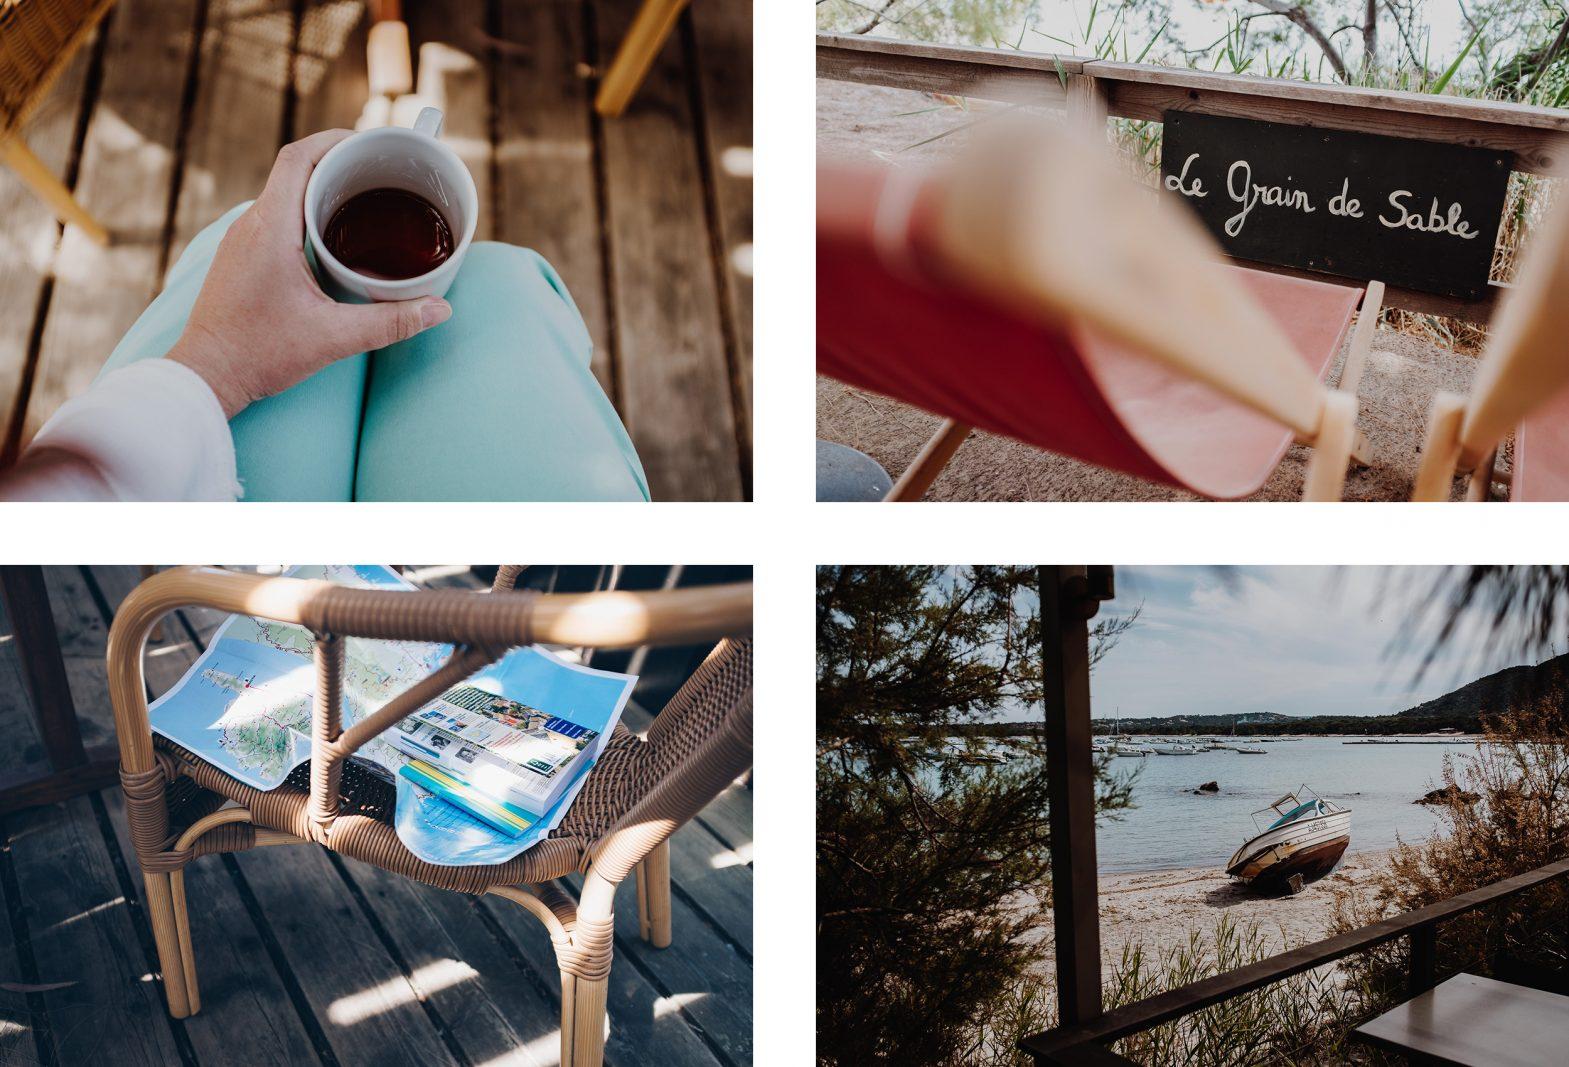 Photos & bonnes adresses Corse du Sud. Le grain de sable, village de Pinarello, Corse. L'oeil de Noémie, photographe et blogueuse voyage en Corse.